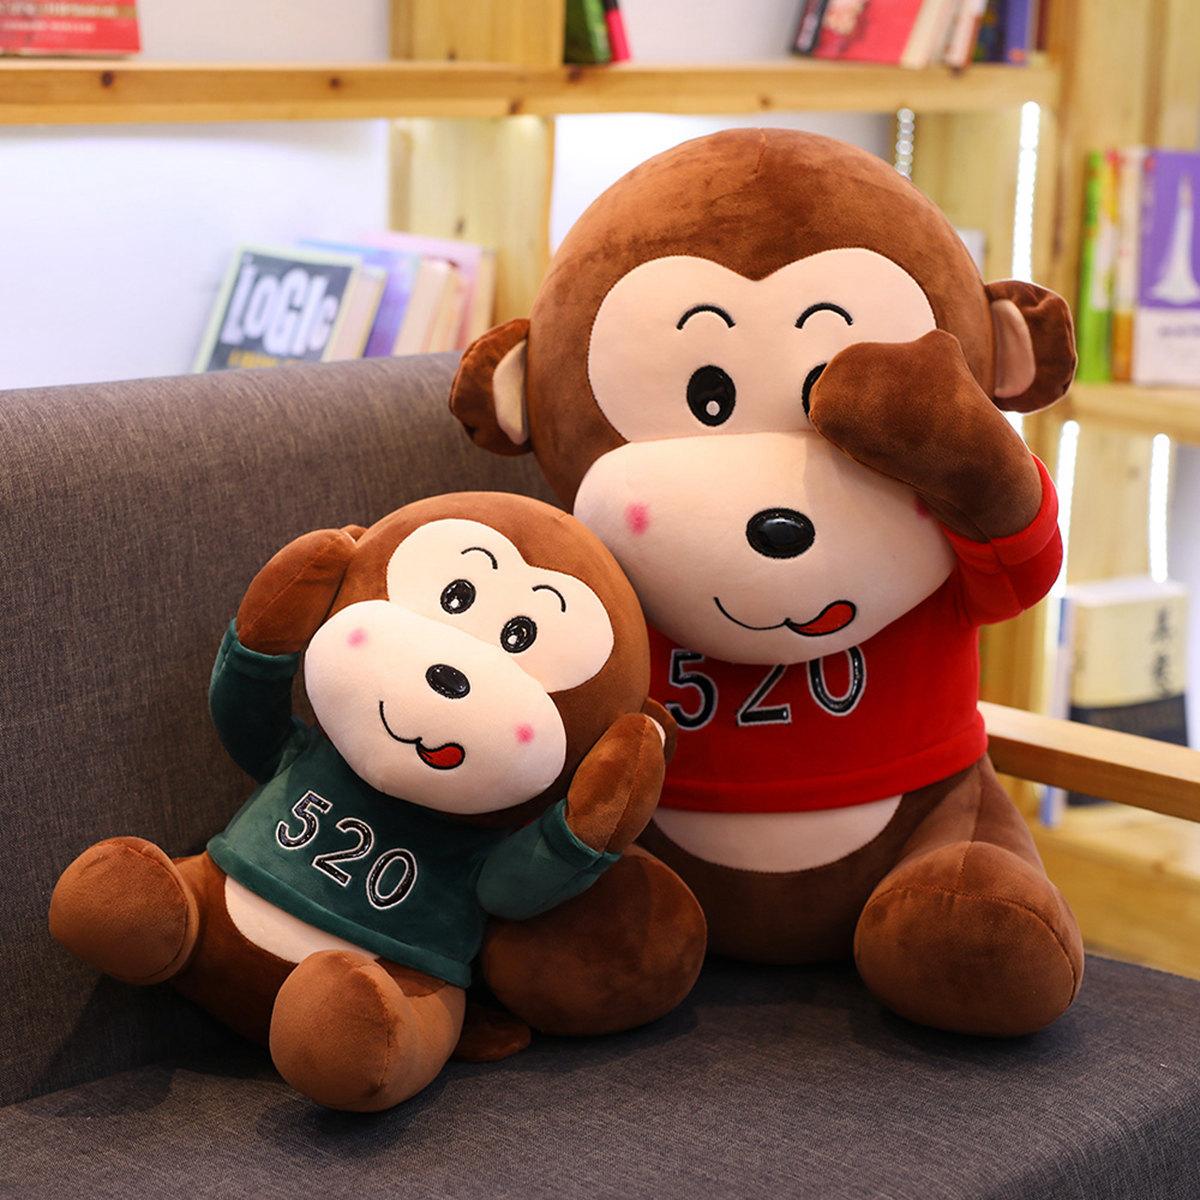 毛绒玩具小猴子公仔可爱超软萌布偶娃娃玩偶睡觉抱枕女孩生日礼物